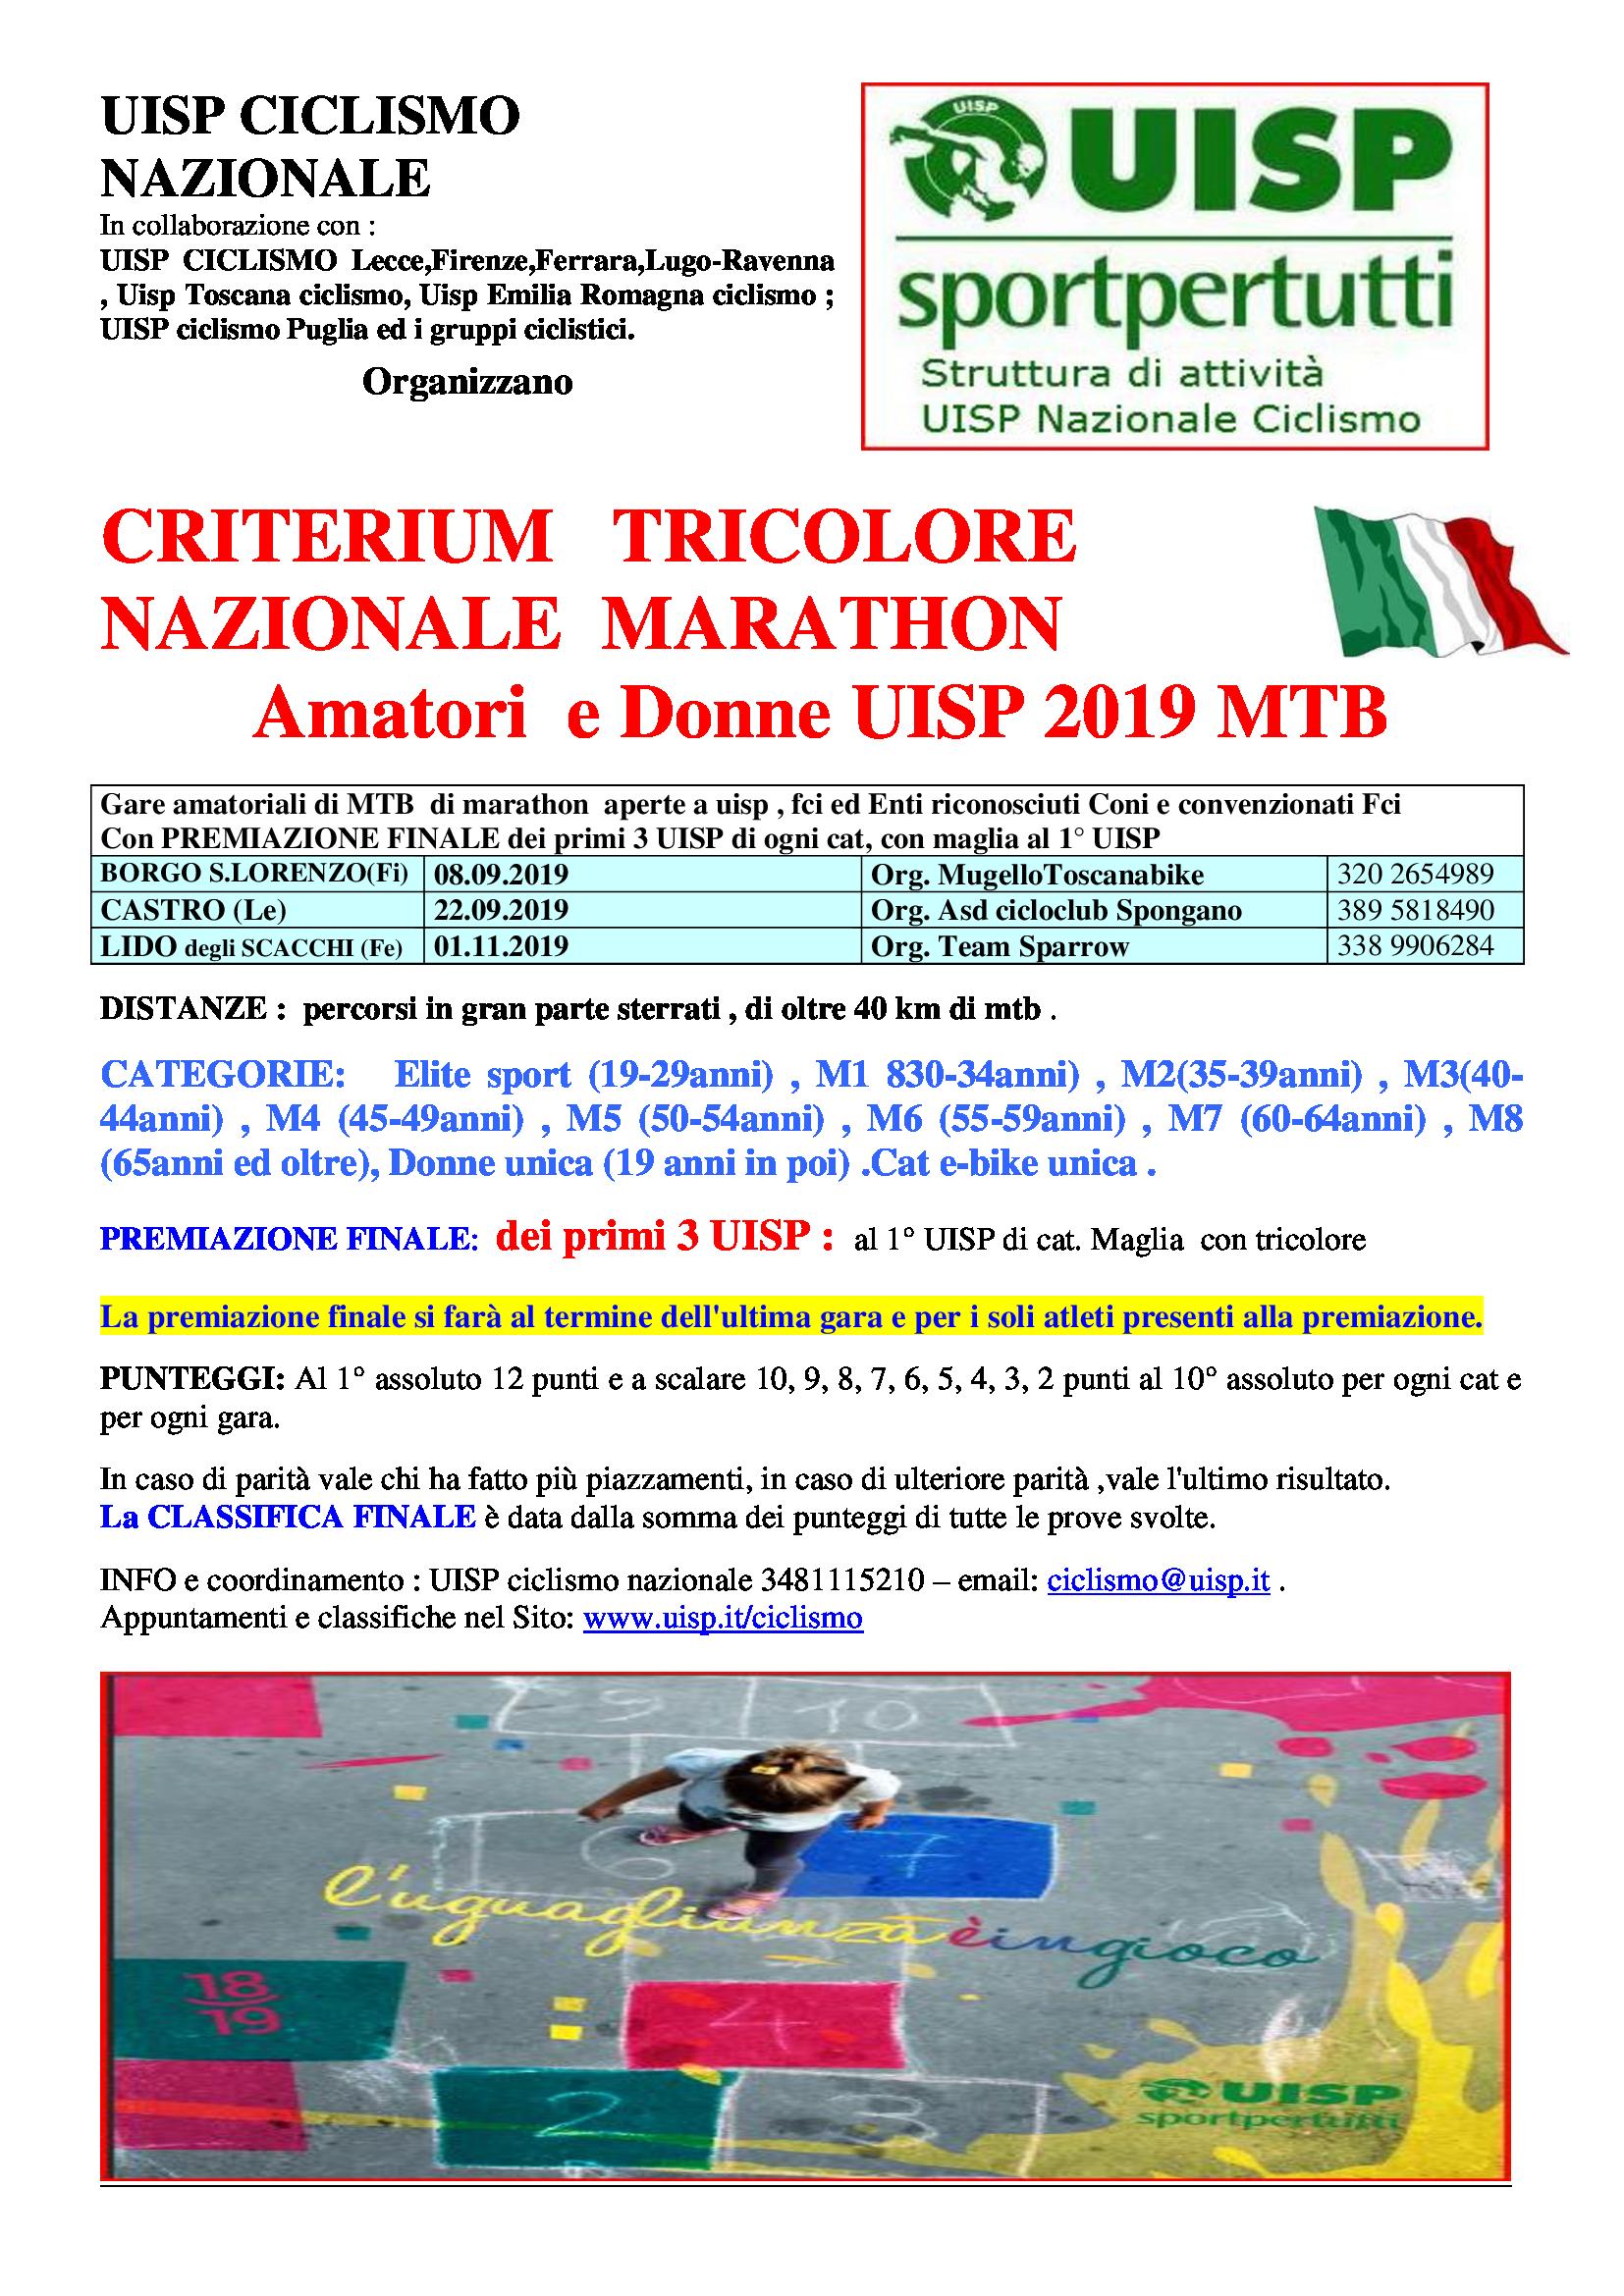 Fci Calendario.Criterium Nazionale Mtb Marathon Uisp 2019 Calendario E